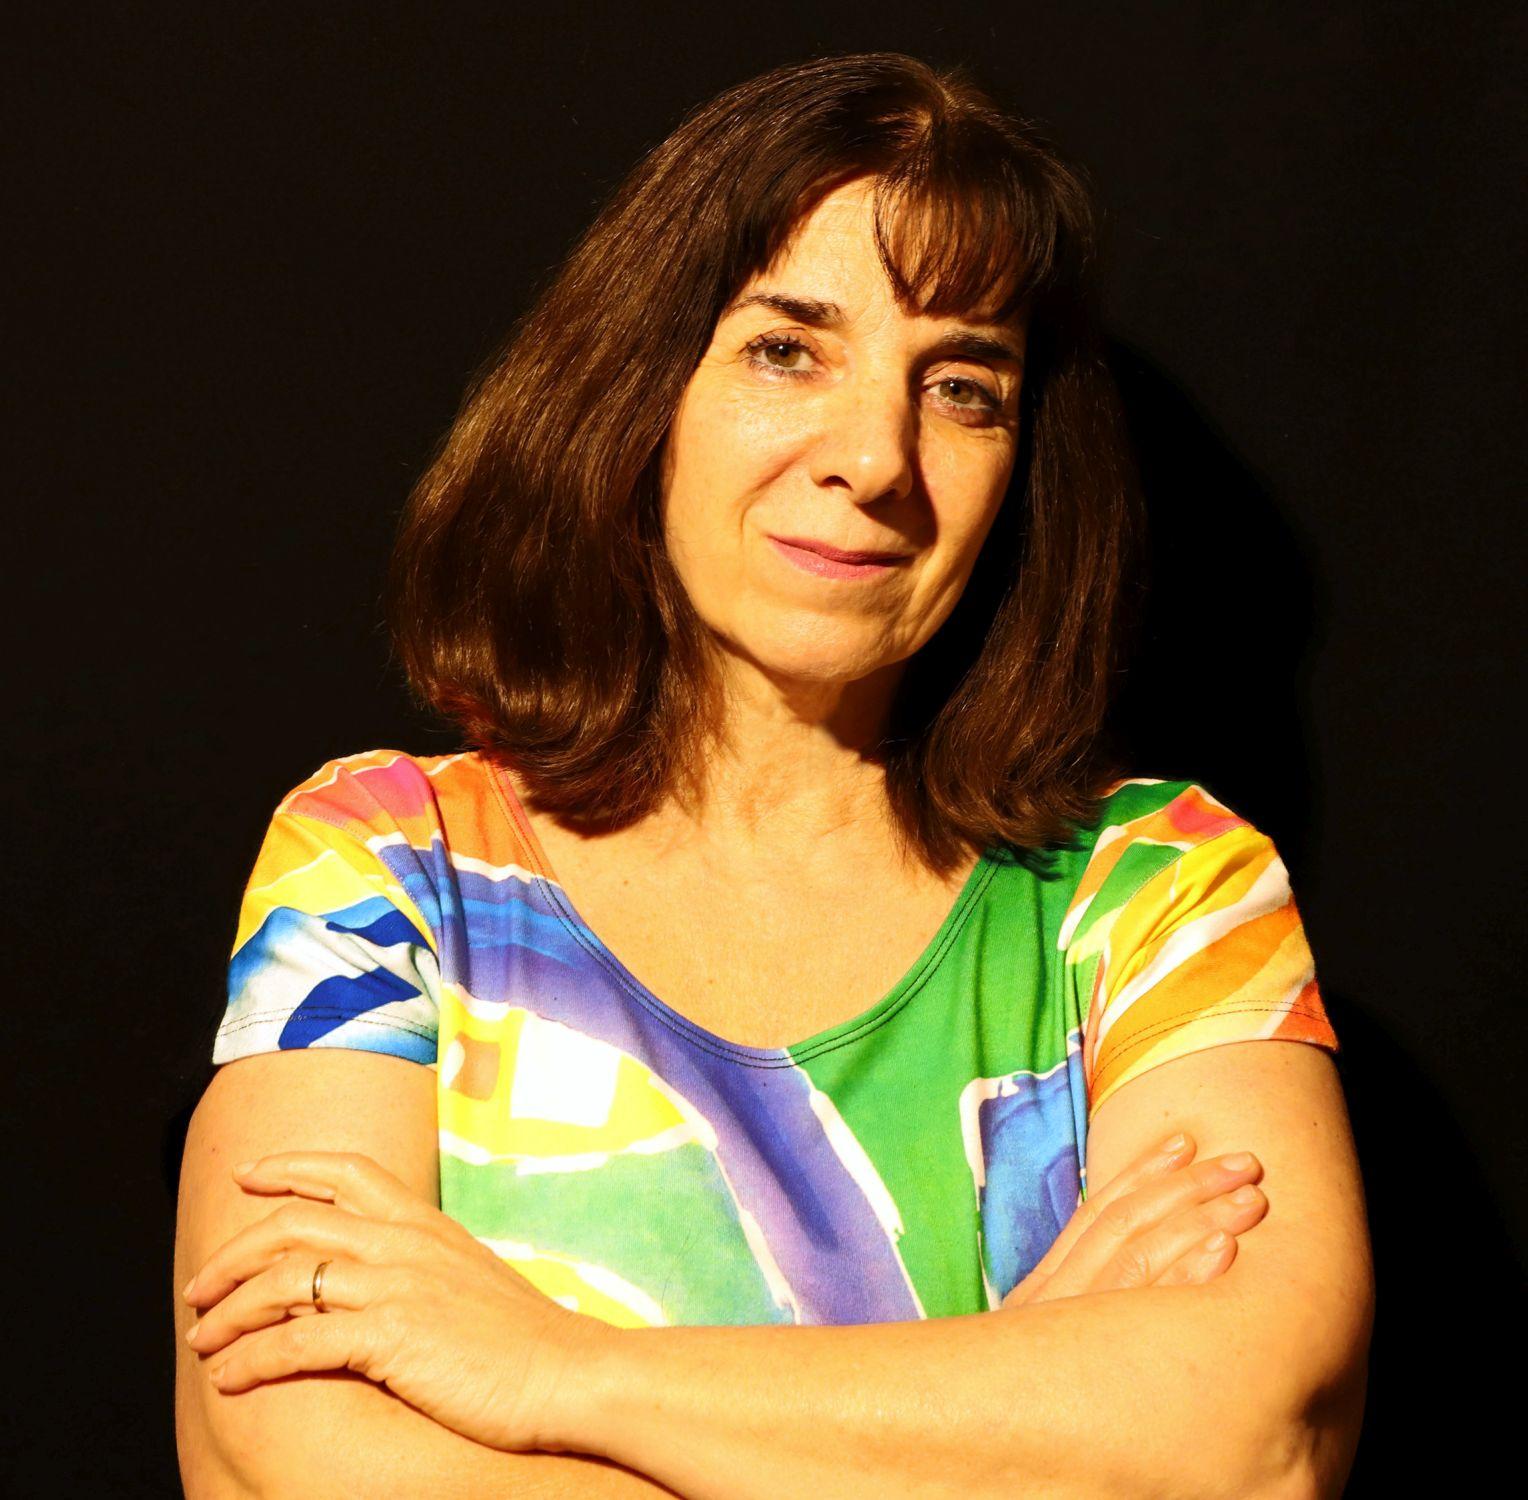 Director Irene Blei